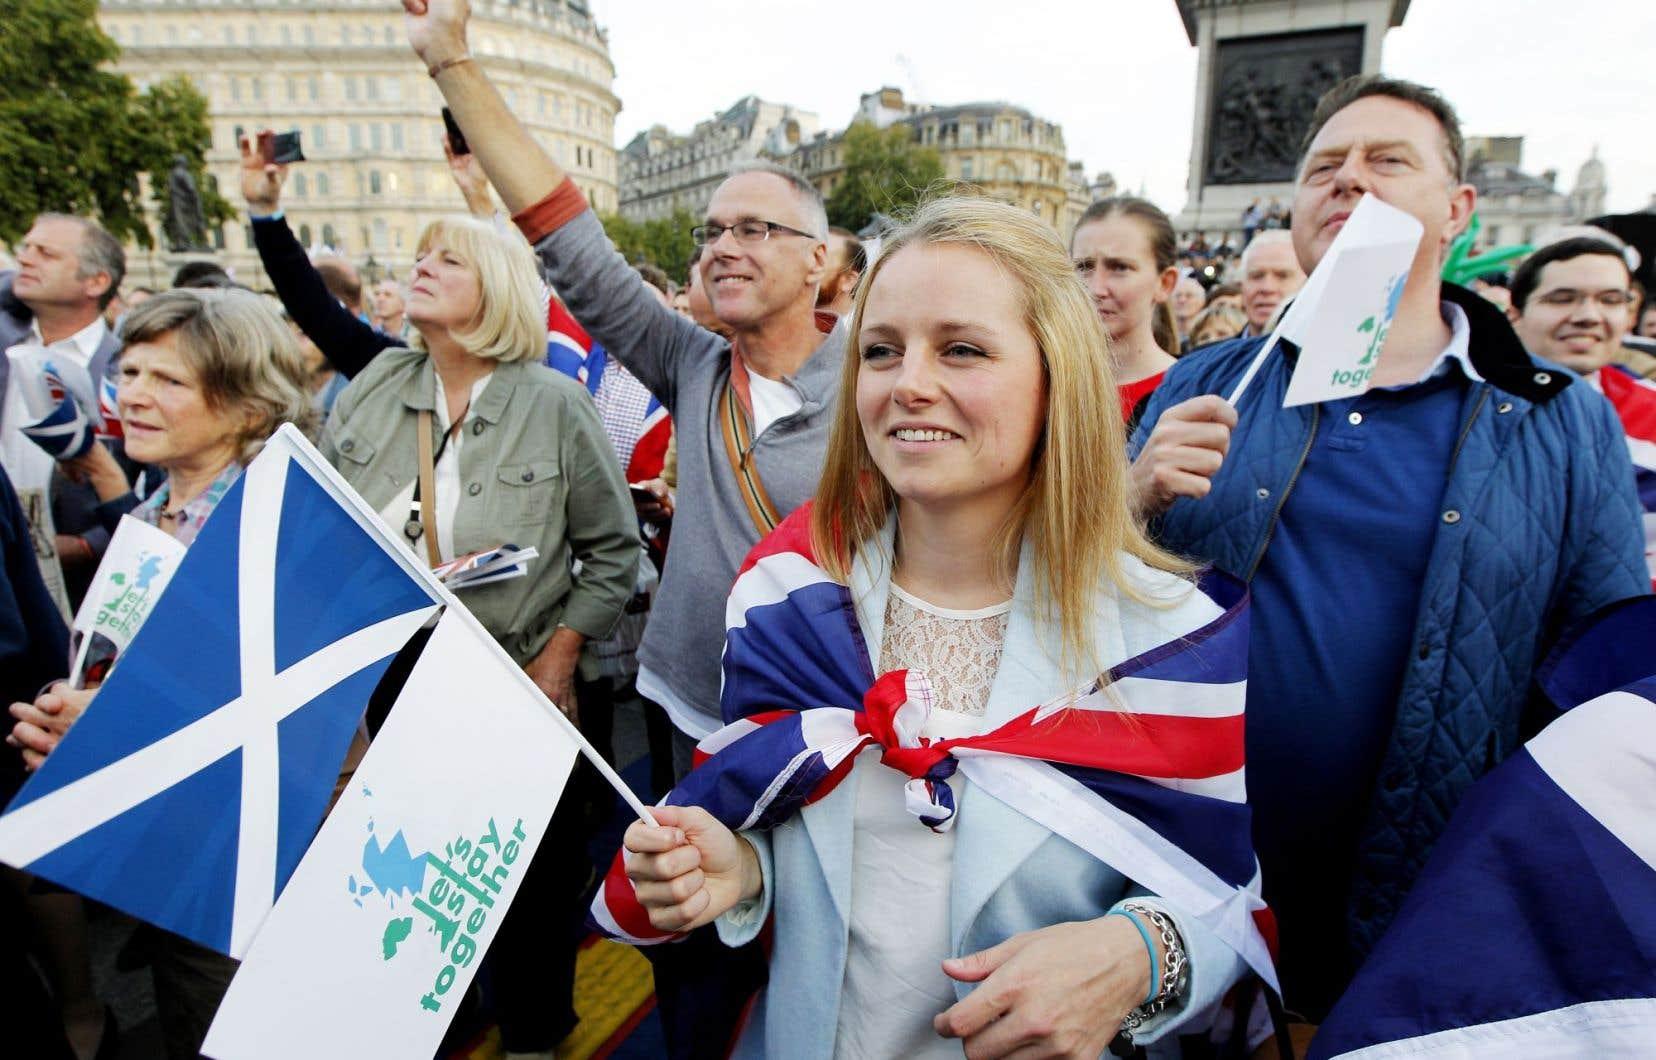 La campagne référendaire en Écosse soulève des craintes ailleurs en Europe.